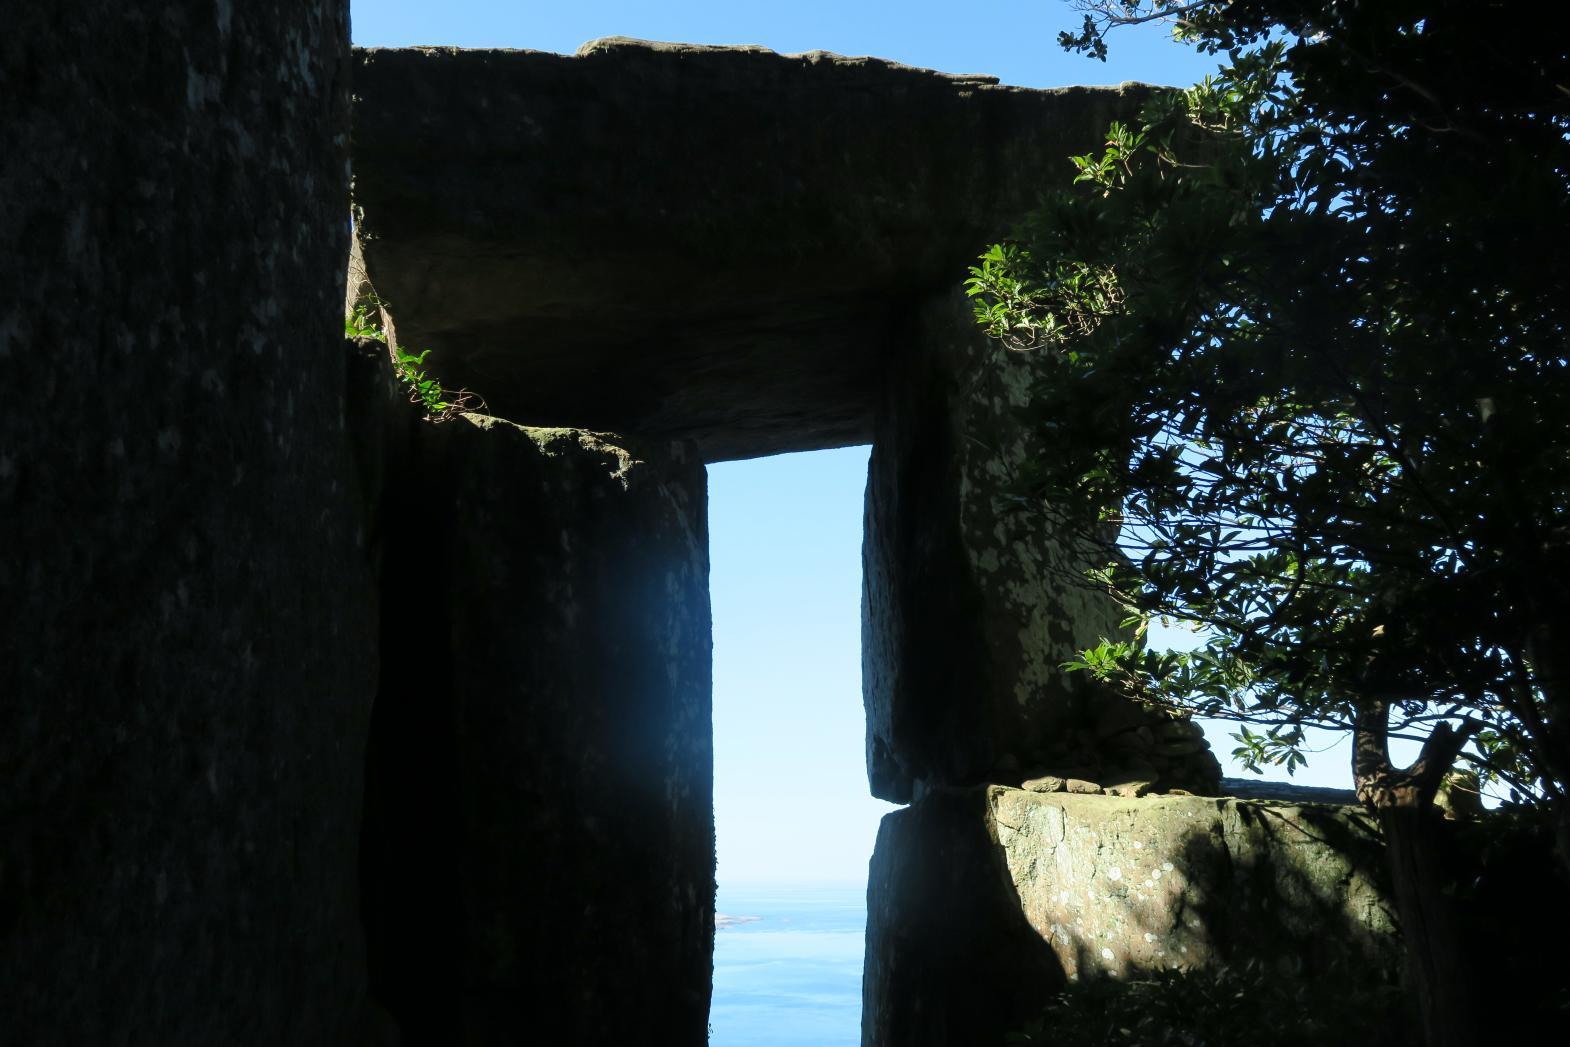 手つかずの自然が残る世界文化遺産の島 野崎島へ-5